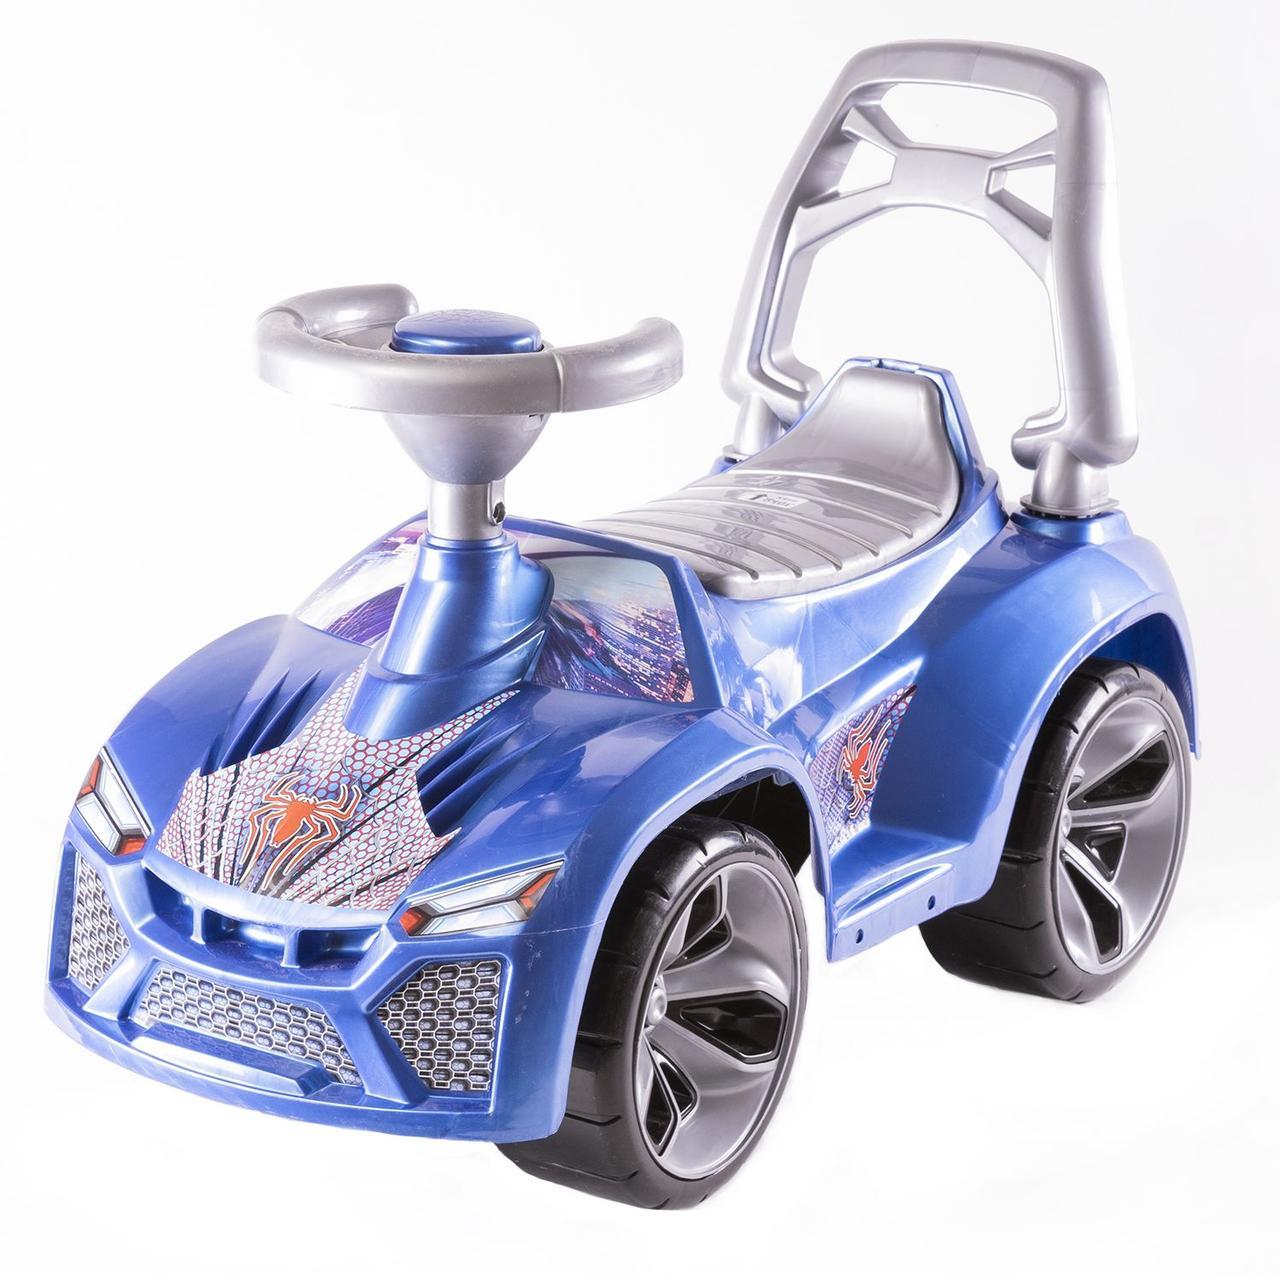 Каталка-толокар Орион Ламбо синяя (021)